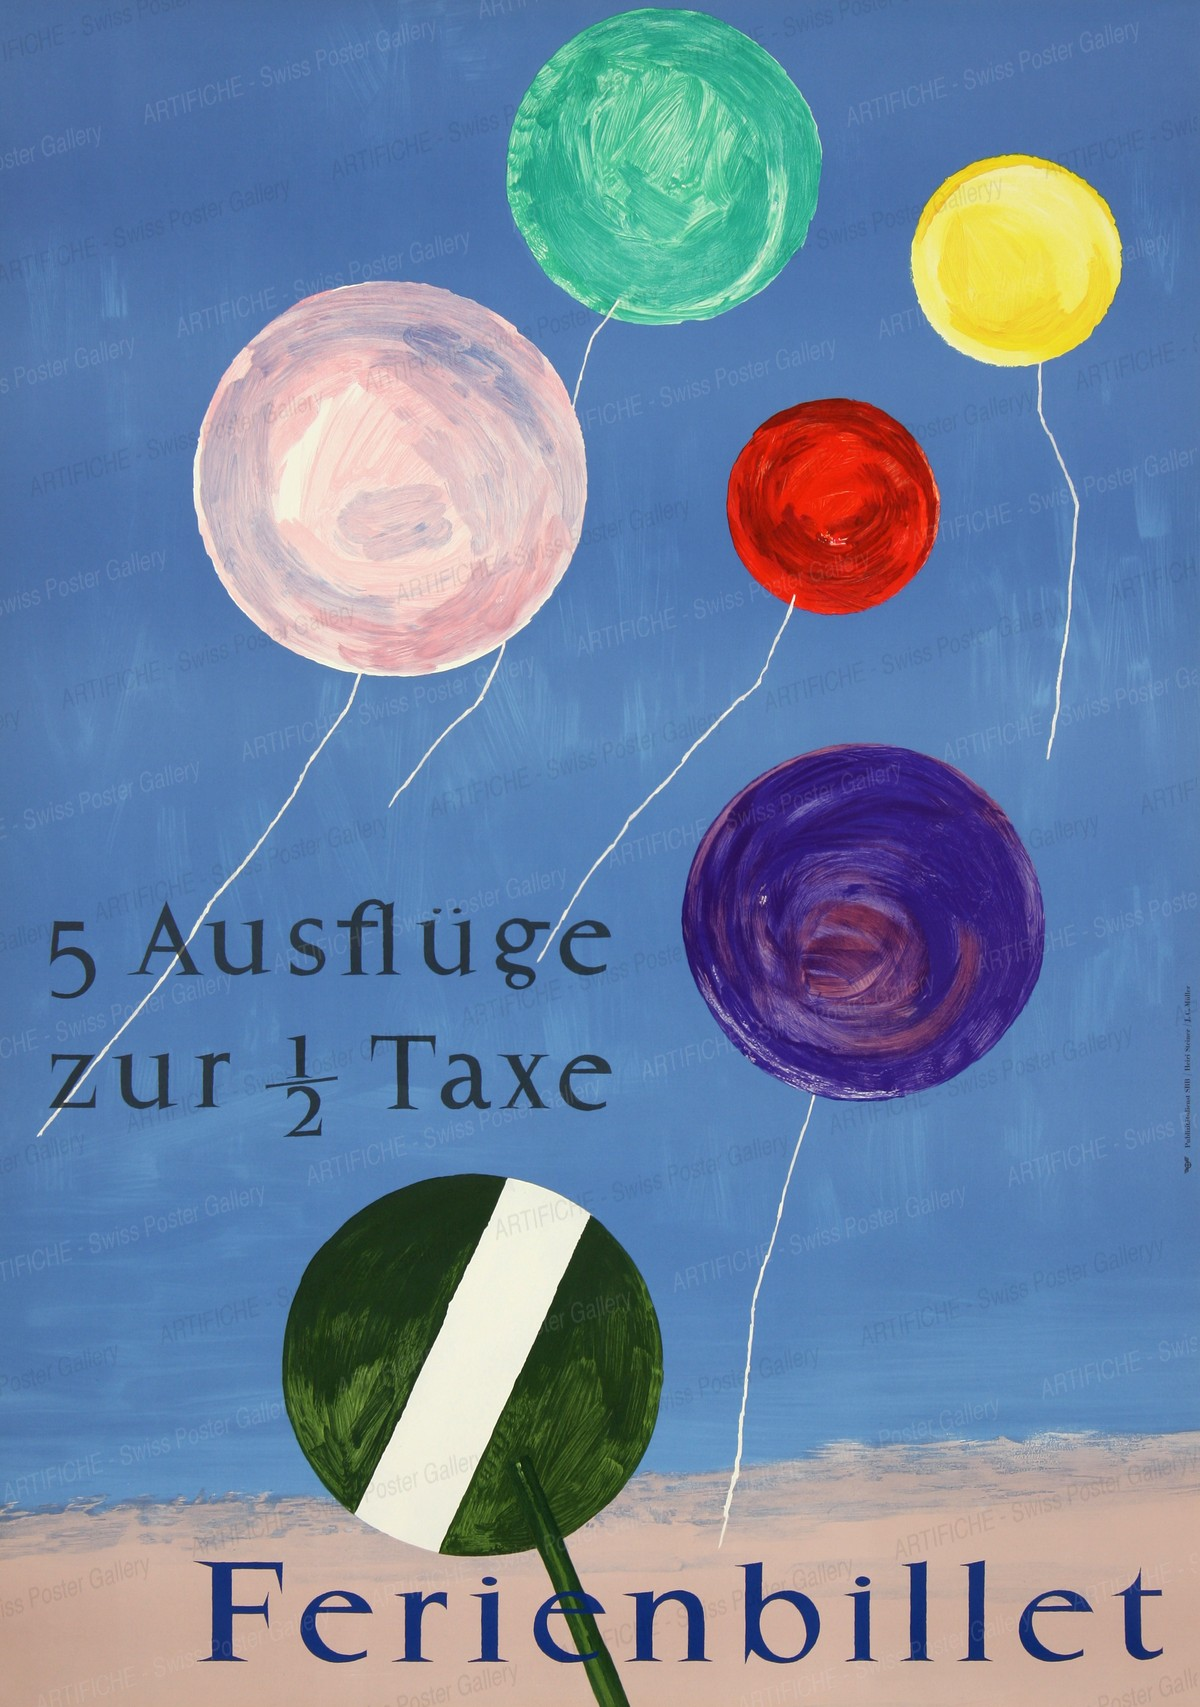 Ferienbillet – 5 Ausflüge zur 1/2 Taxe, Heinrich Steiner